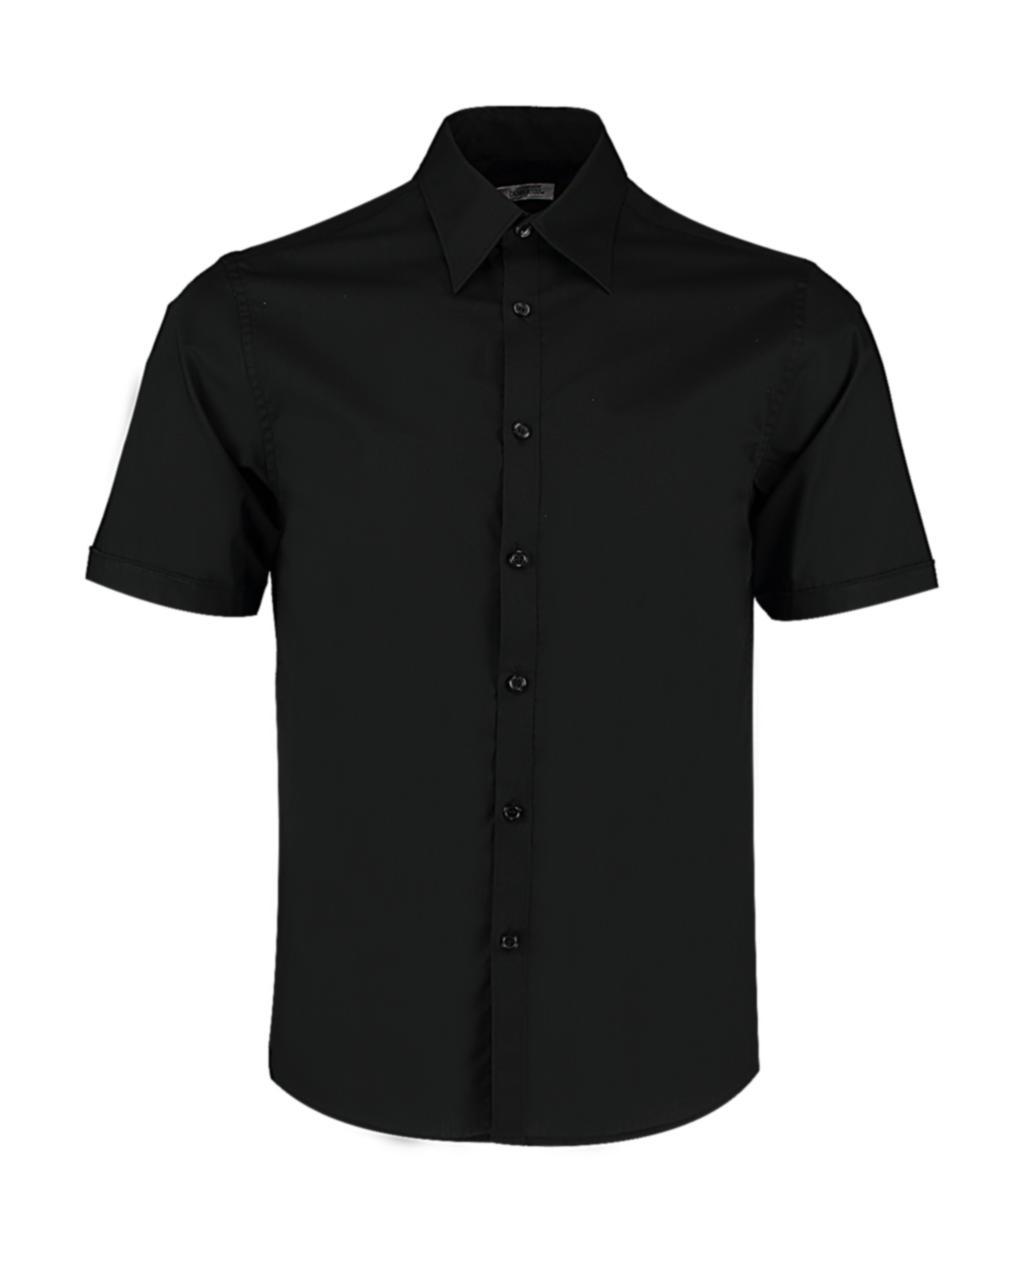 Košile Tailored fit s kr. rukávem  P/  - zvìtšit obrázek